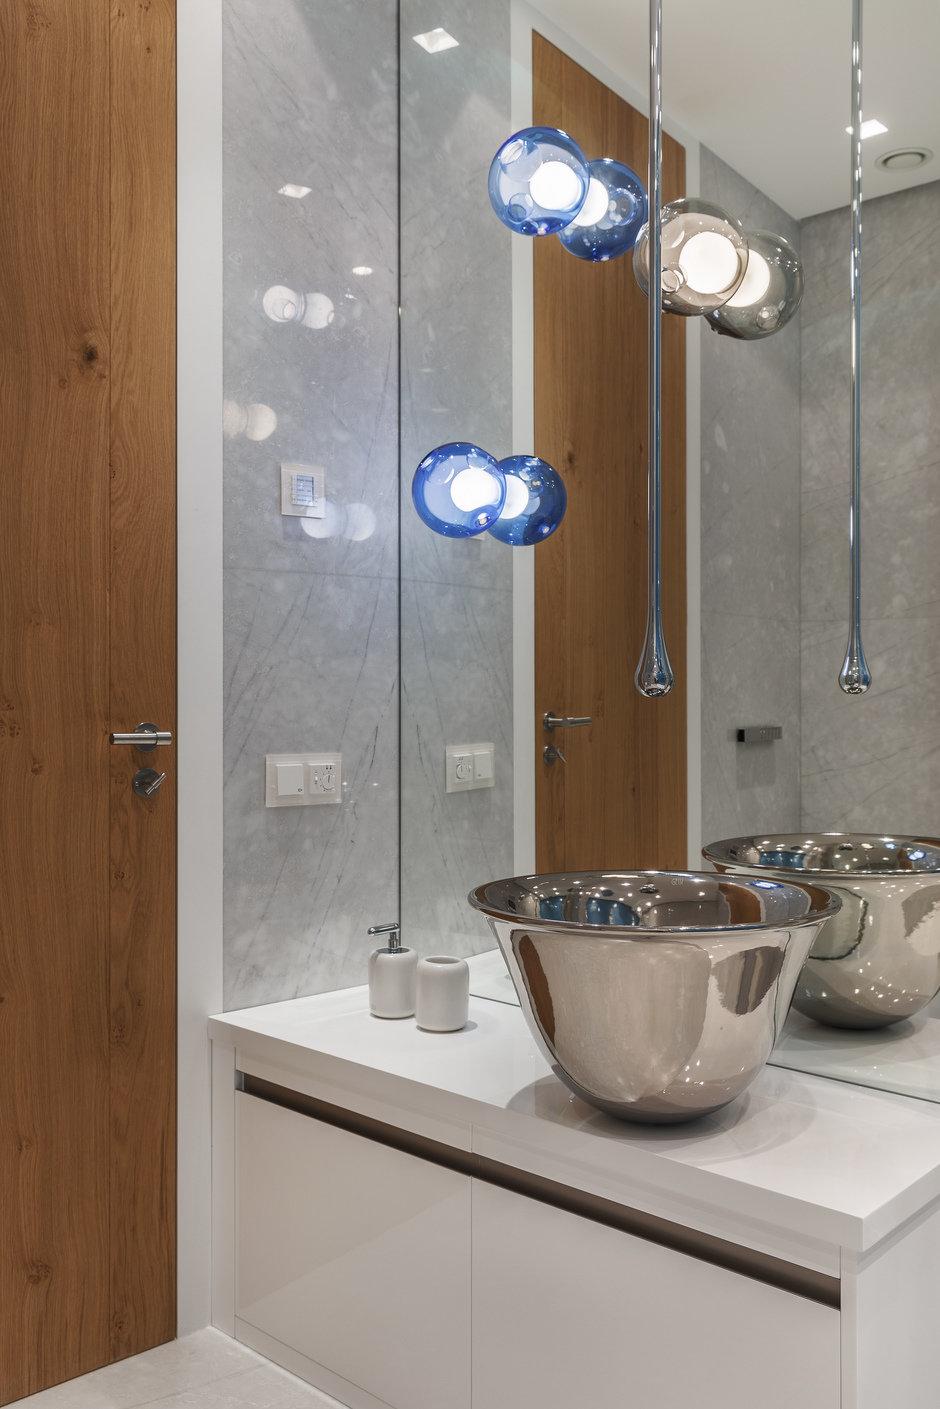 Фотография: Ванная в стиле Хай-тек, Проект недели, Москва, Более 90 метров, #эксклюзивныепроекты, ЖК «Легенда Цветного», Ab-architects – фото на InMyRoom.ru